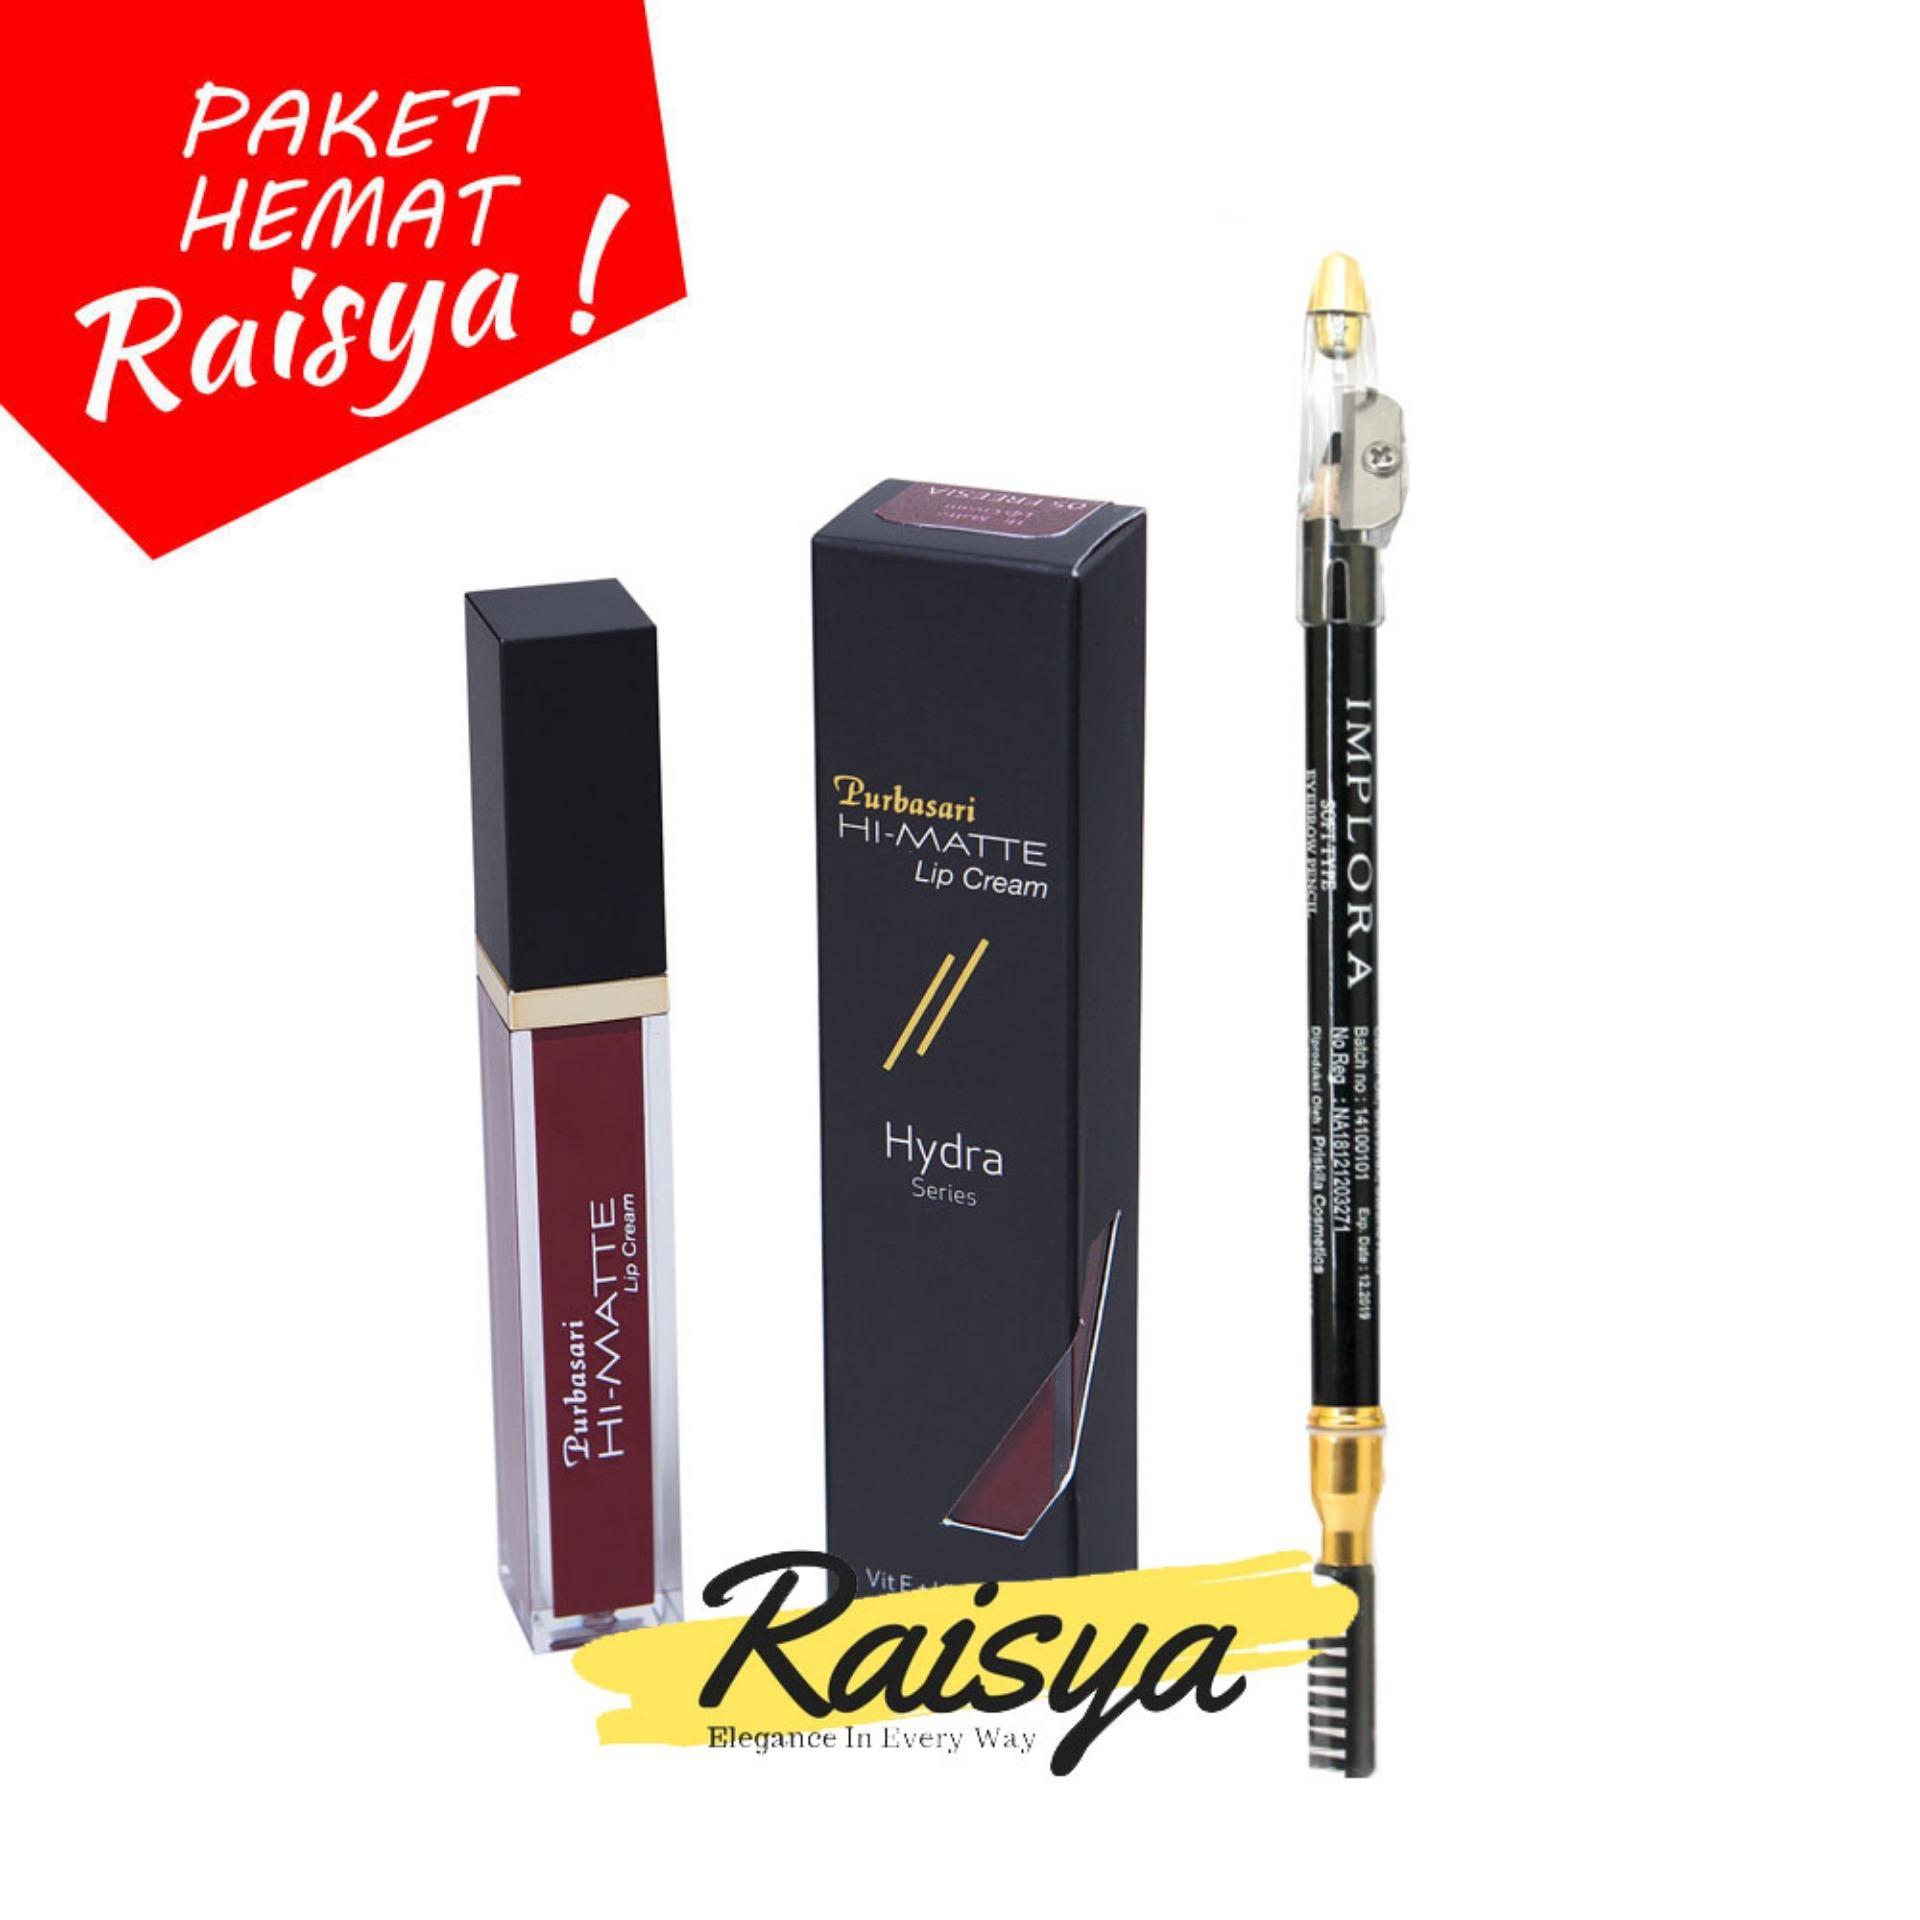 Purbasari Hi-Matte Lip Cream No. 05 Freesia Free Implora Pensil Alis Hitam Resmi BPOM